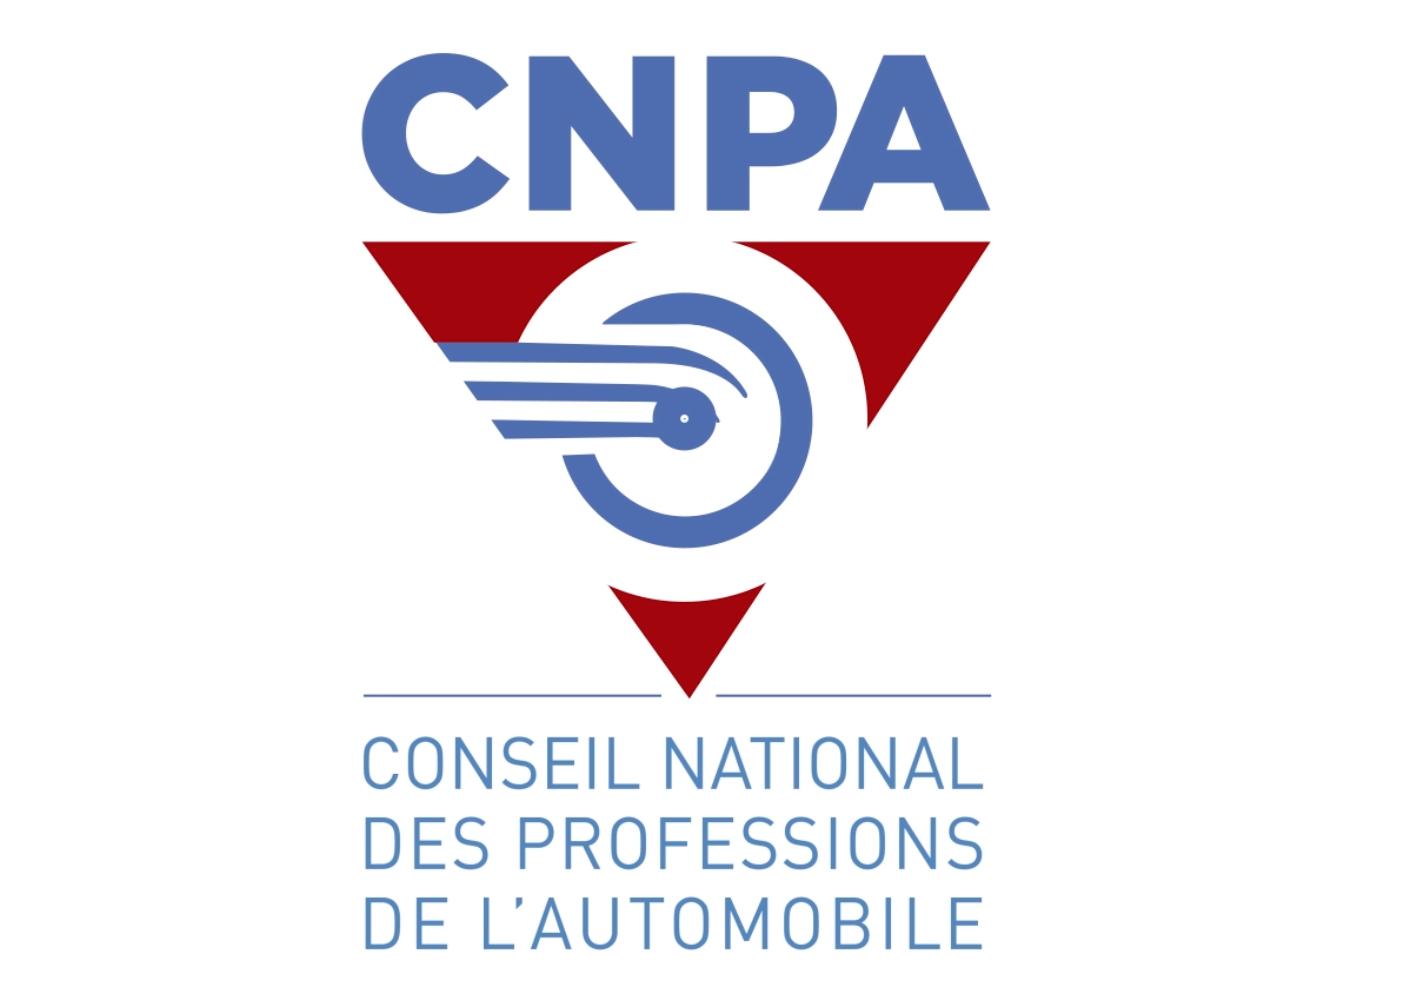 Le Garage David à Saint Fulgent en Vendée est adhérant au Conseil National des Professions de l'Automobile